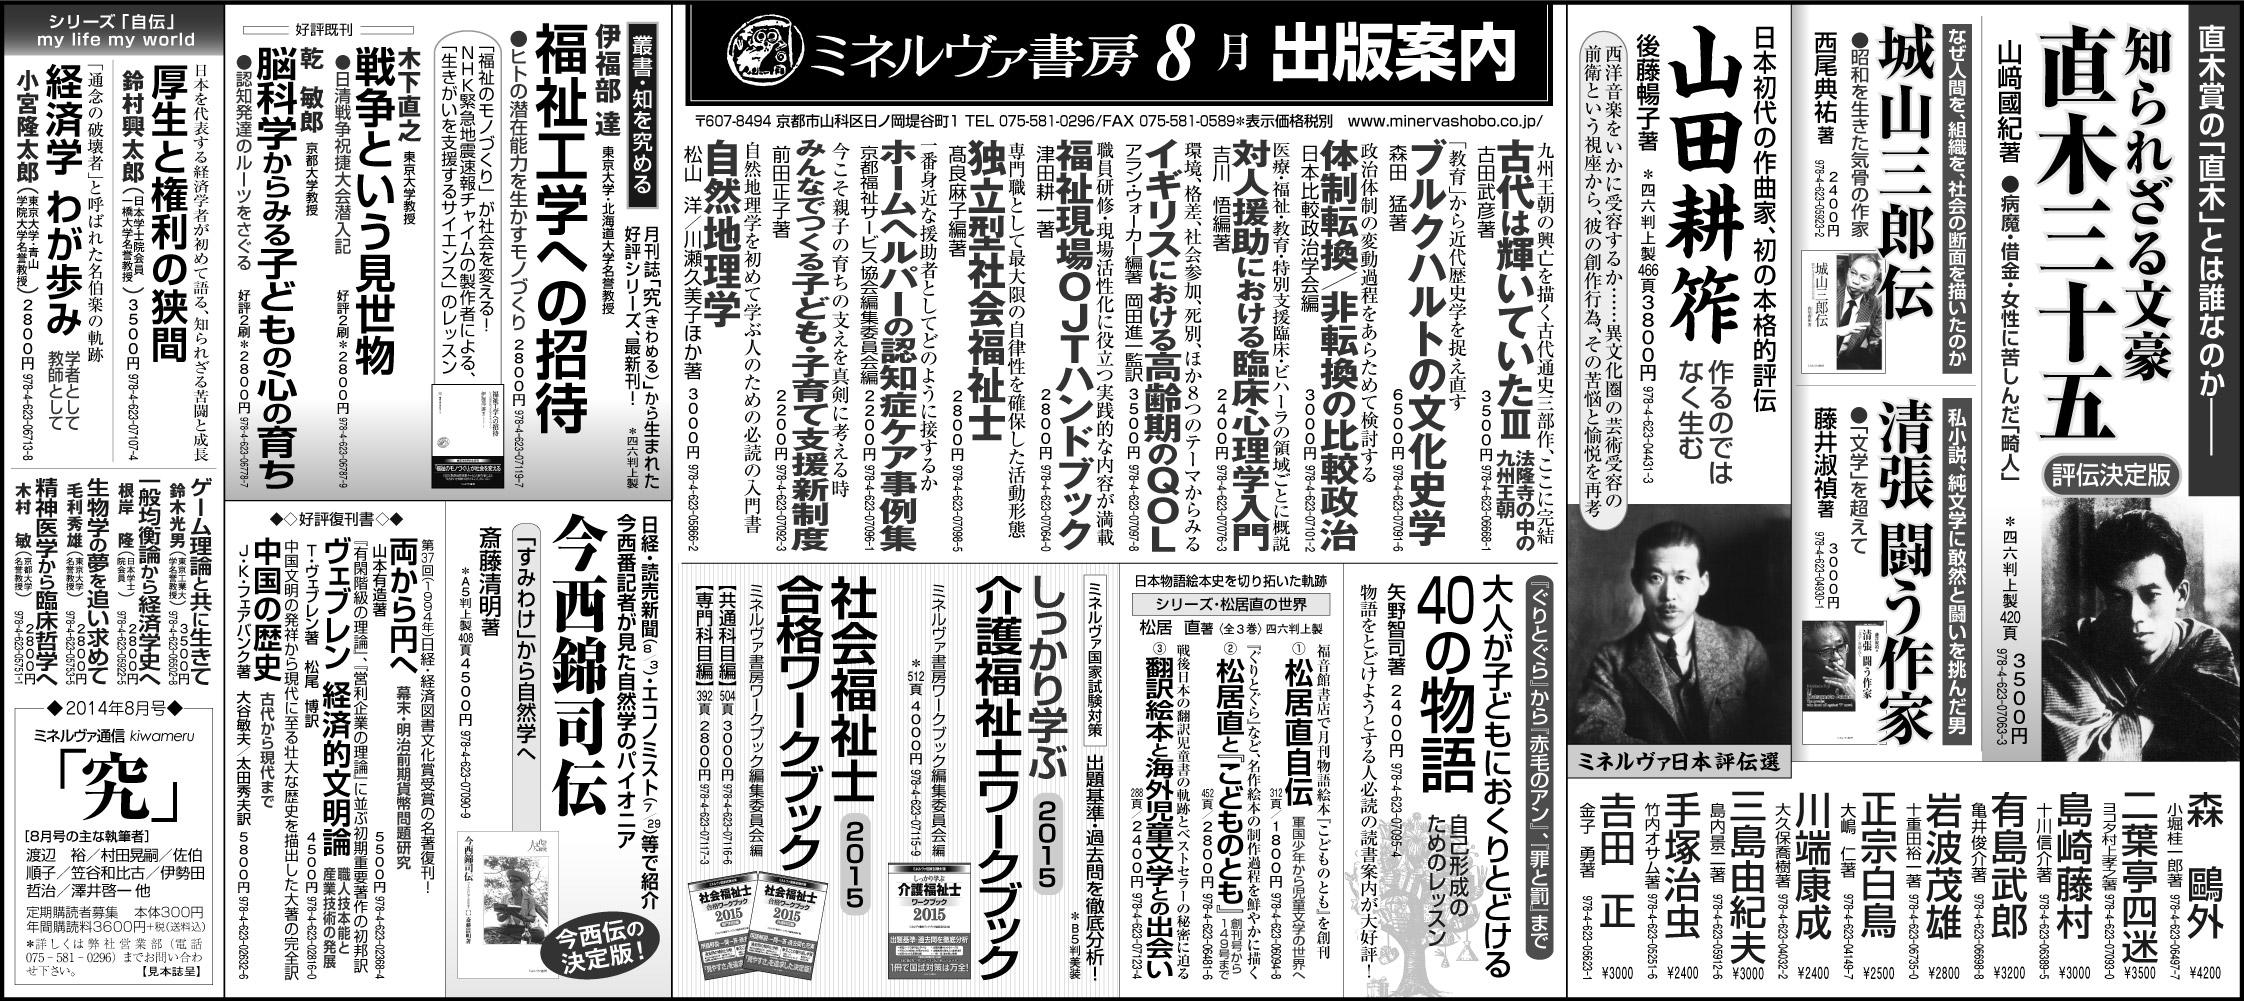 日本経済新聞全5段広告2014年8月17日掲載